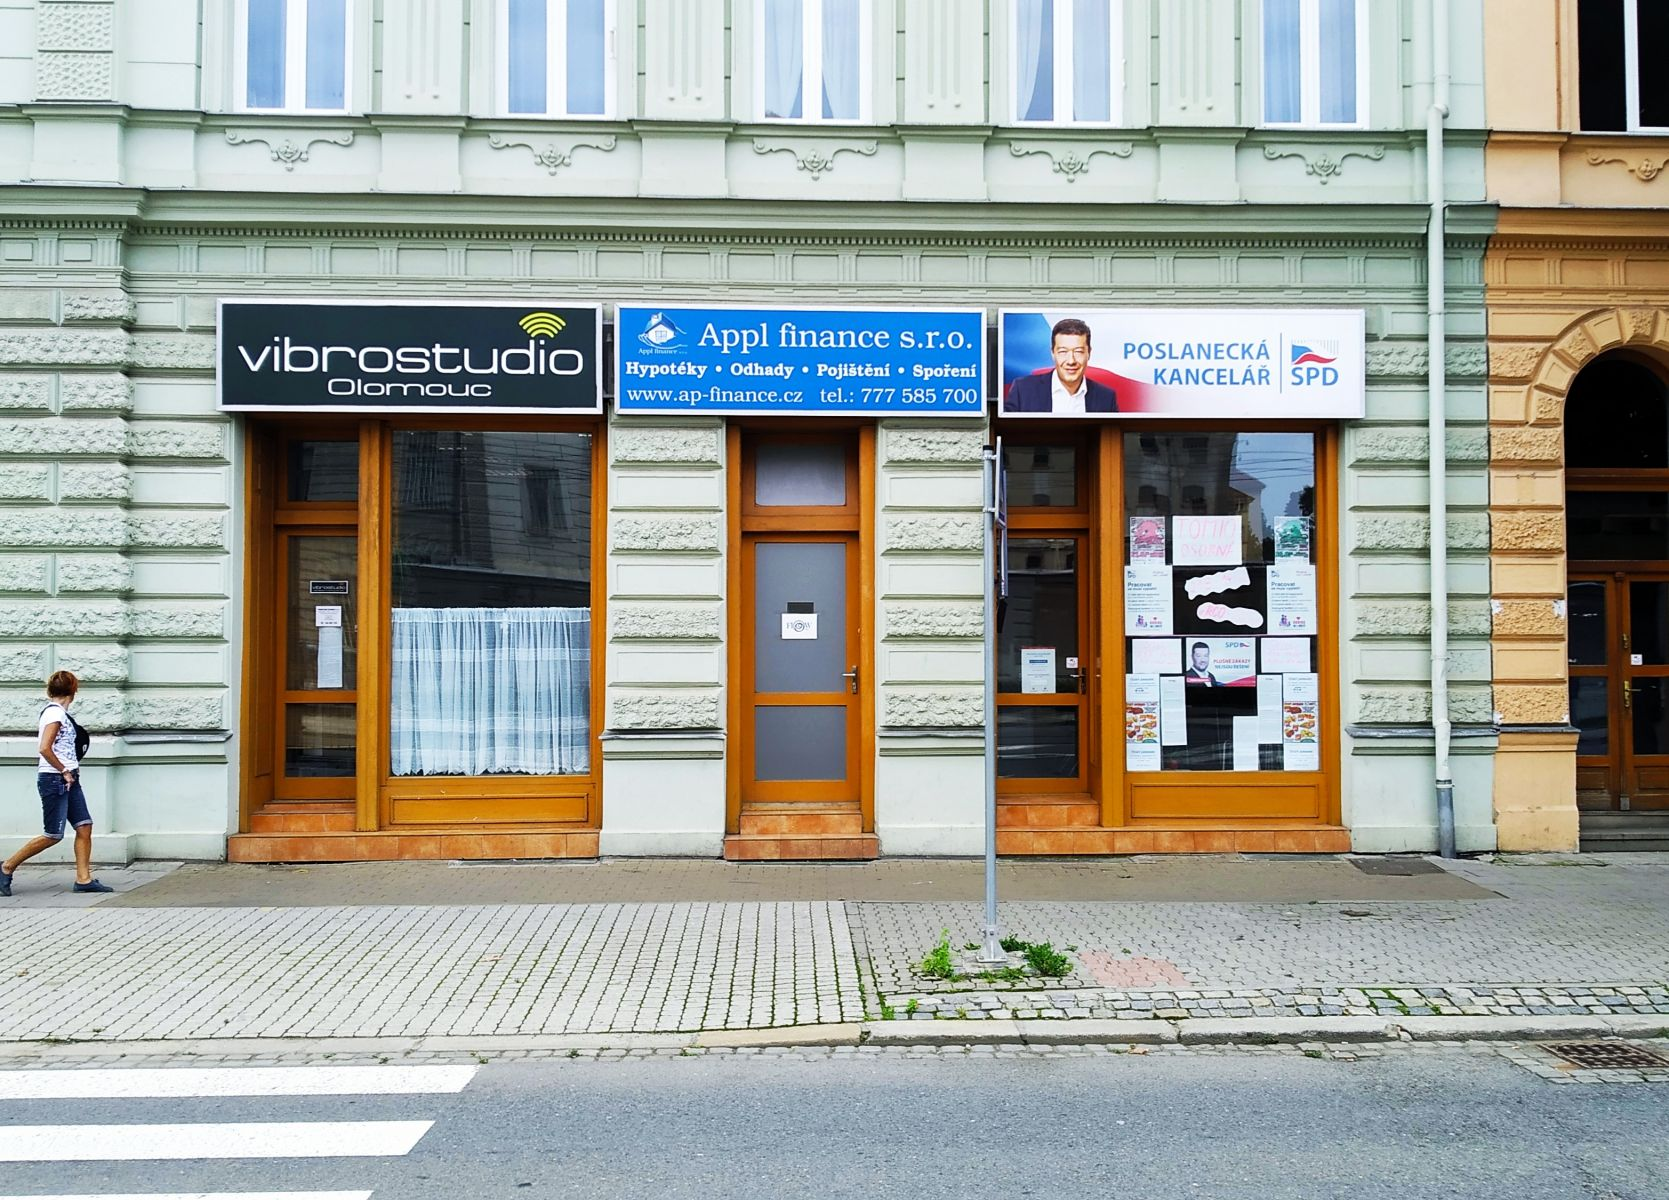 Pronájem Kanceláře 35m2  s výlohou v centru Olomouce - Havlíčkova 7